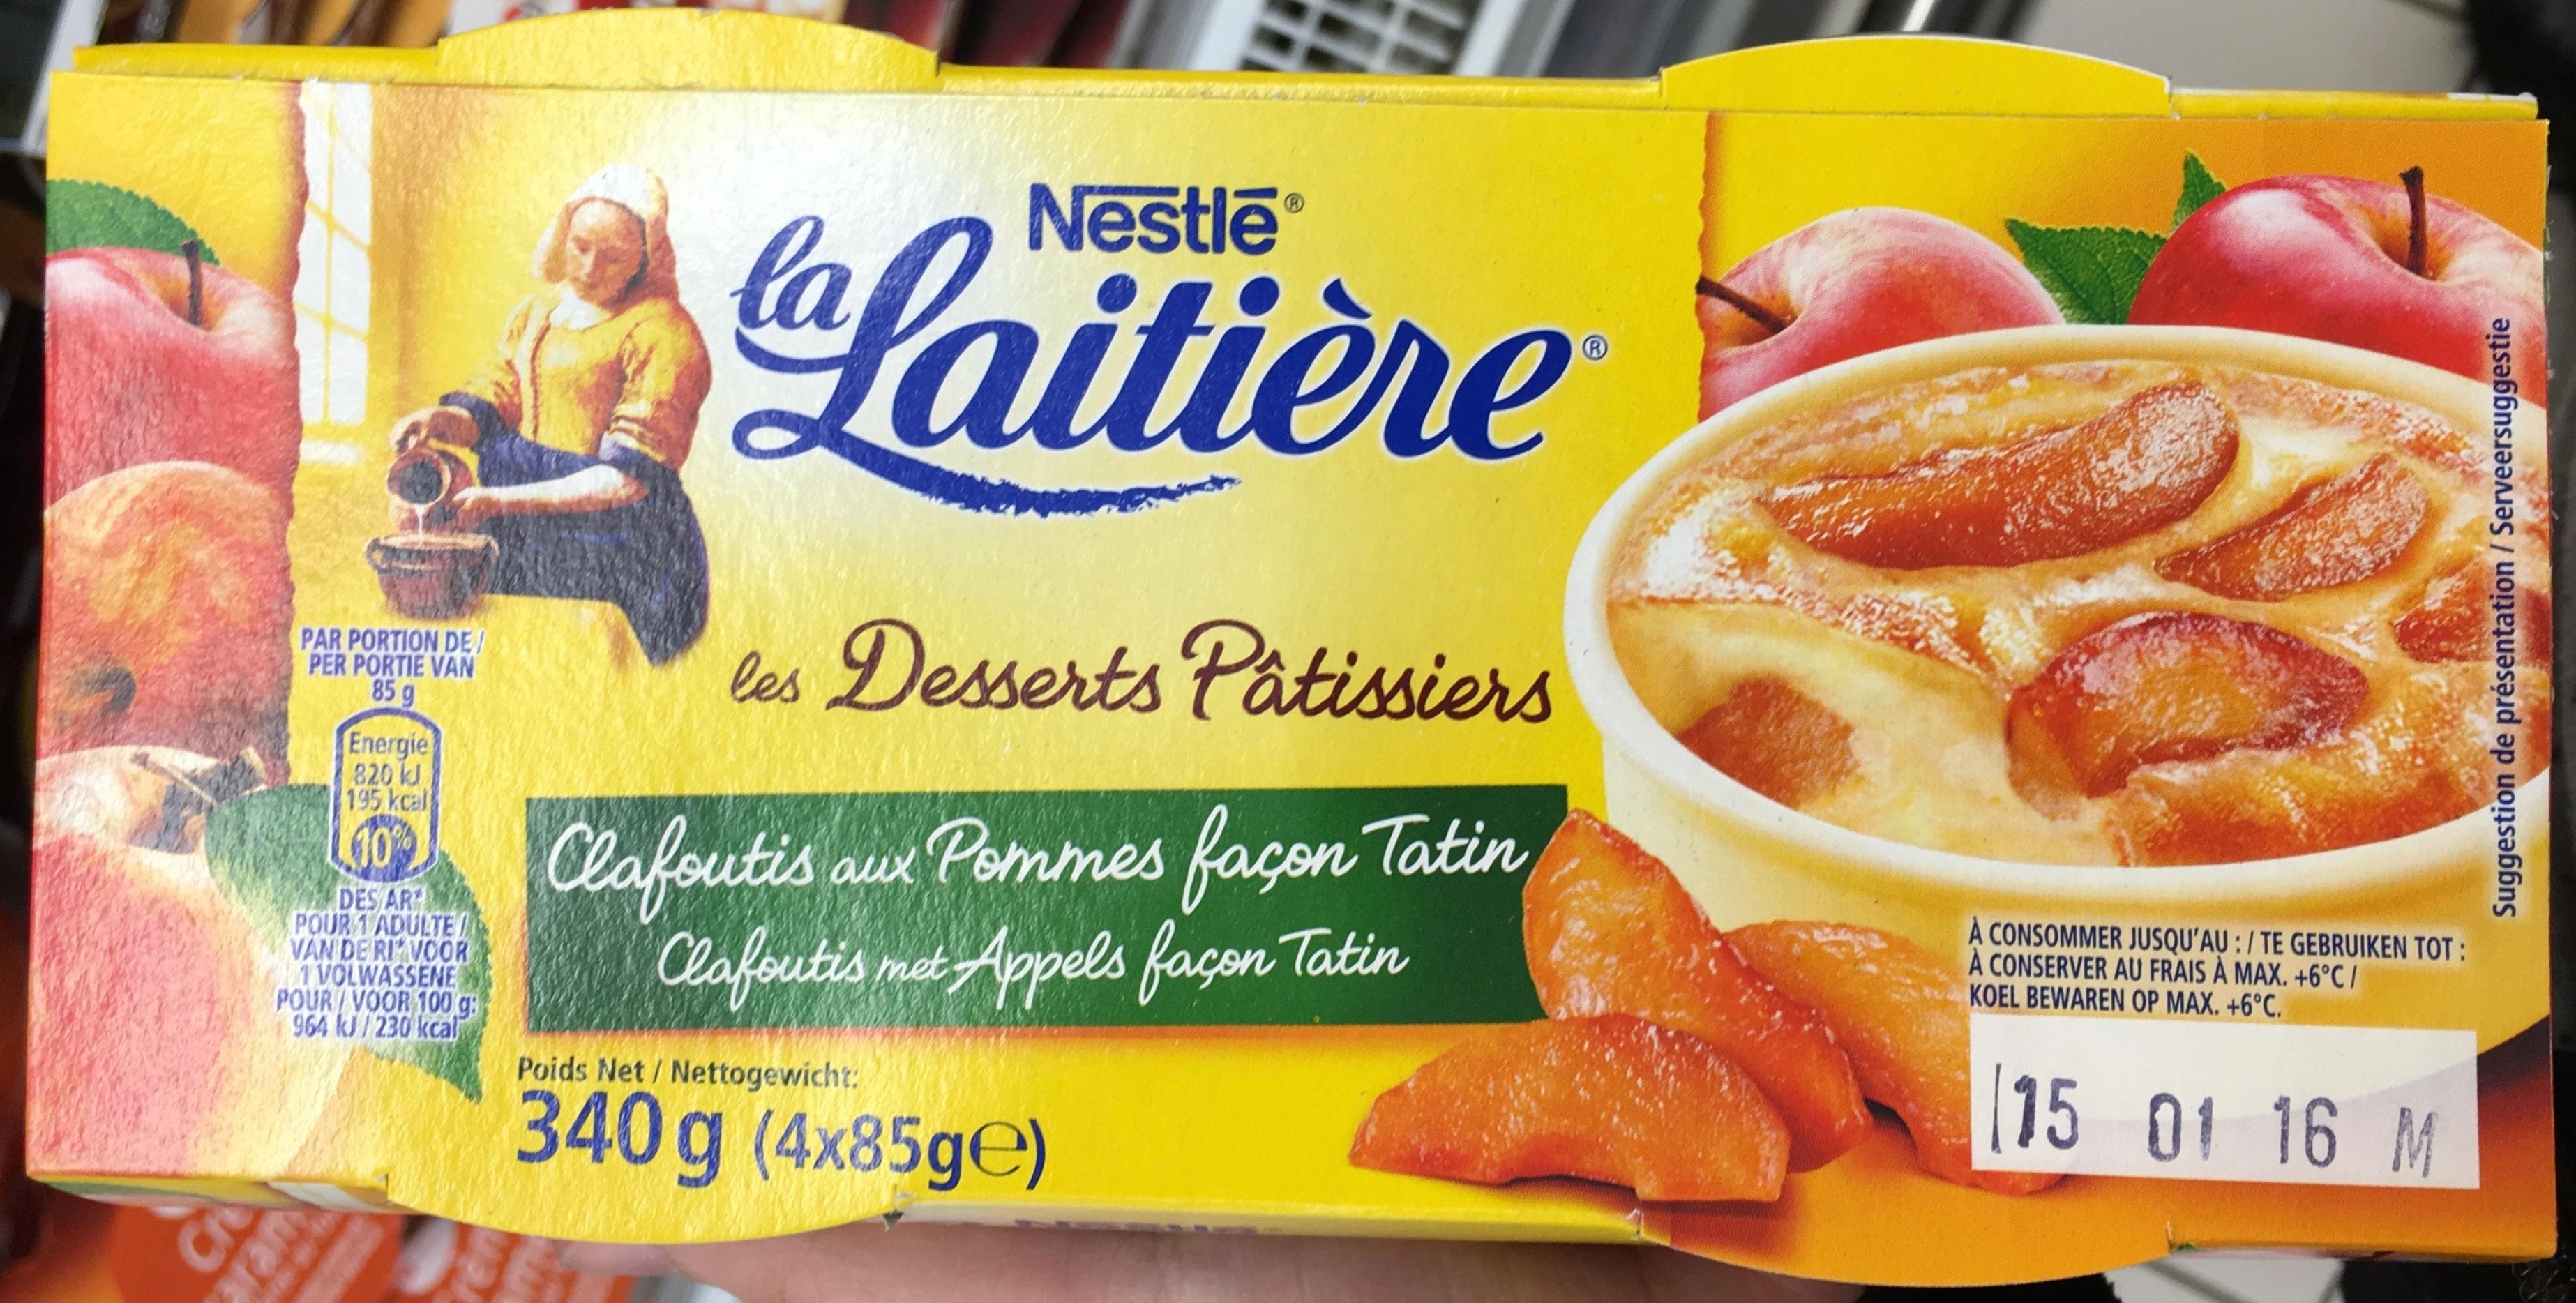 Clafoutis aux pommes façon tatin - Product - fr